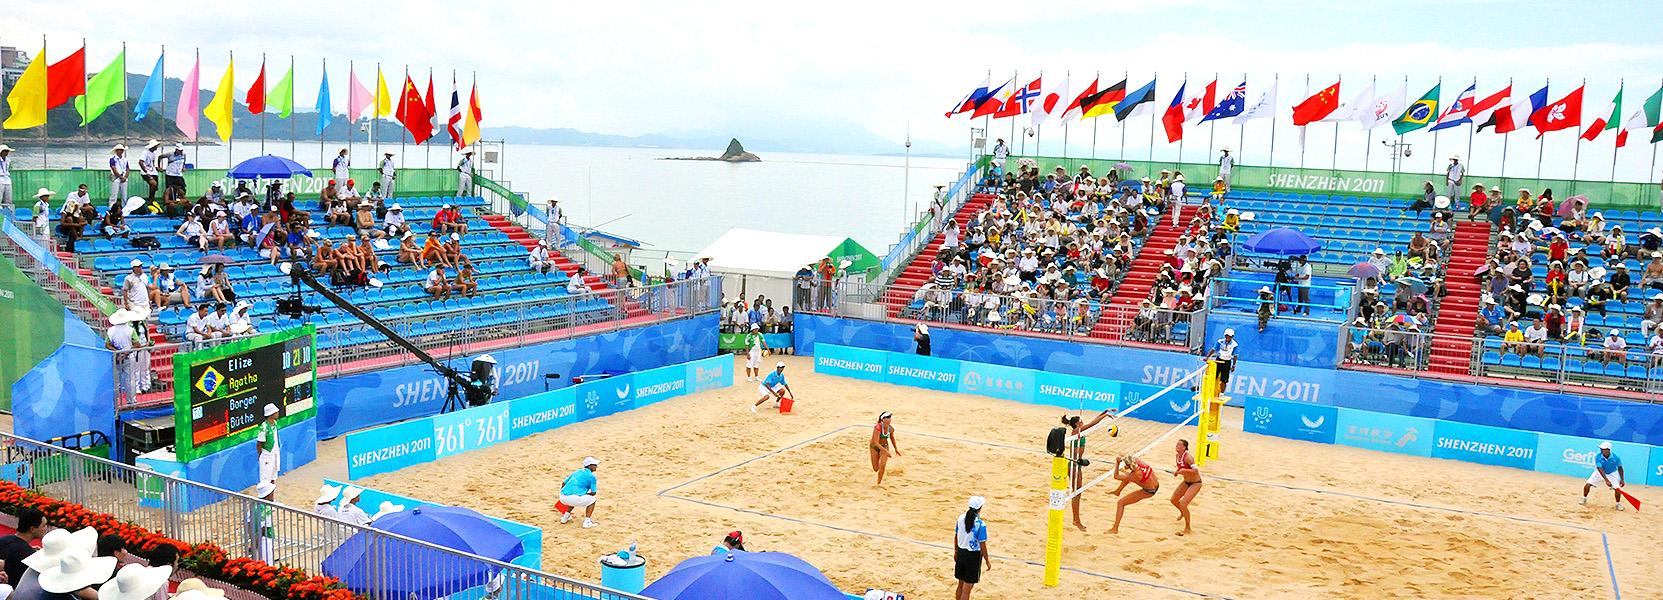 大学生运动会沙滩排球